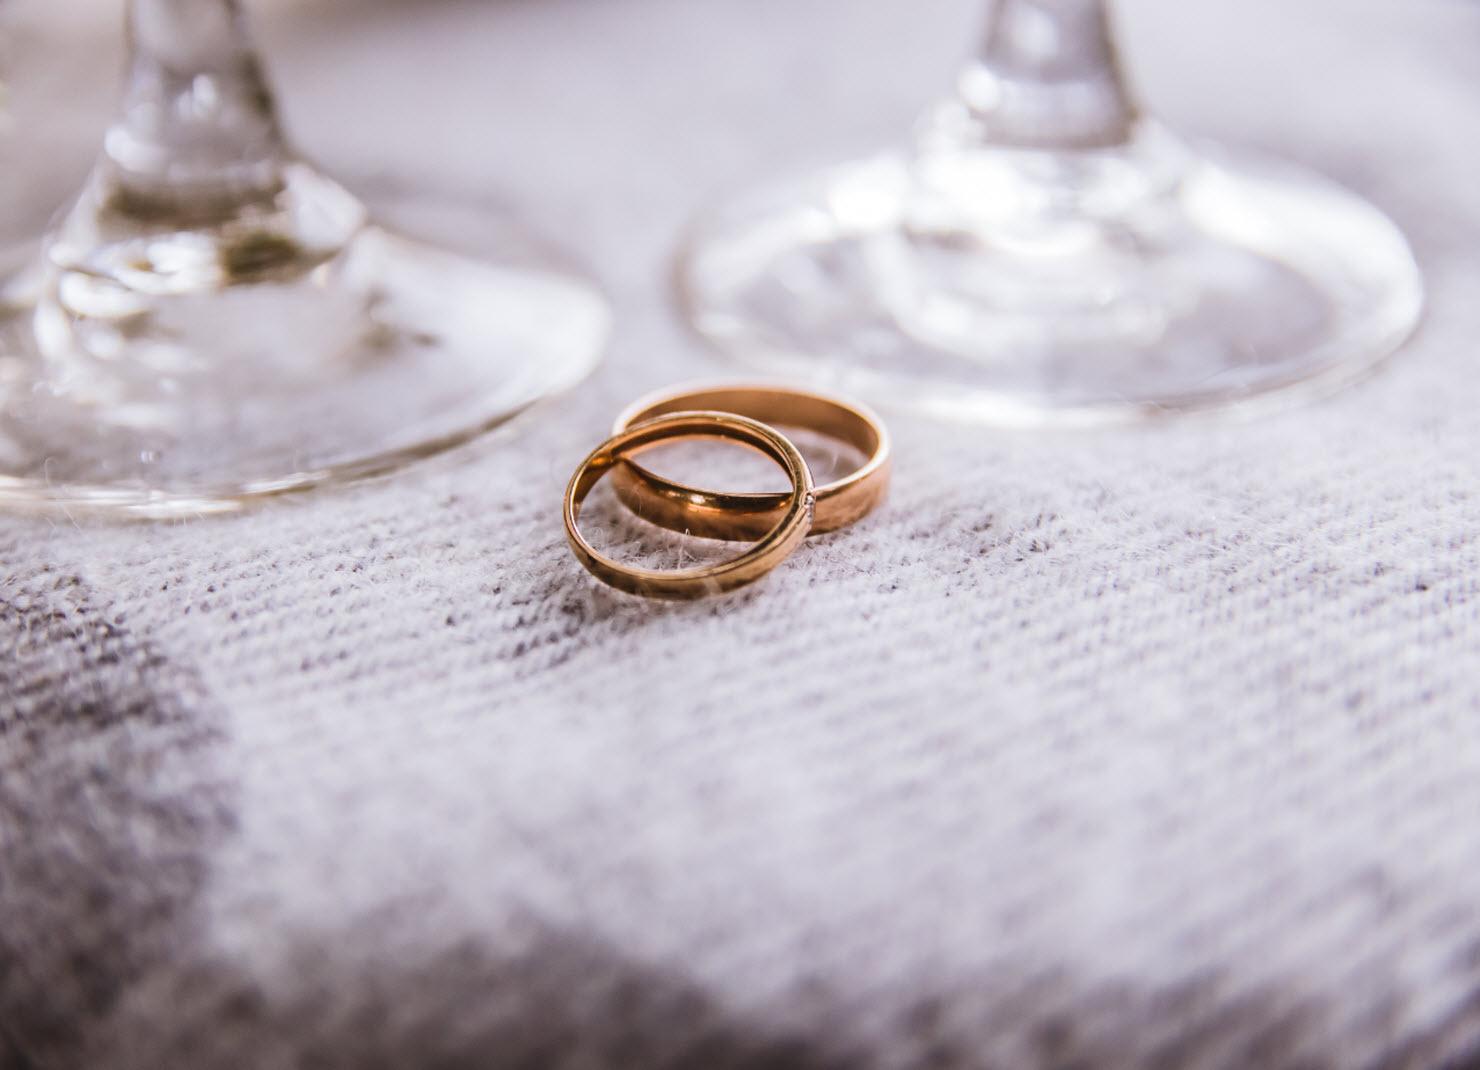 Pensión compensatoria en matrimonio corto